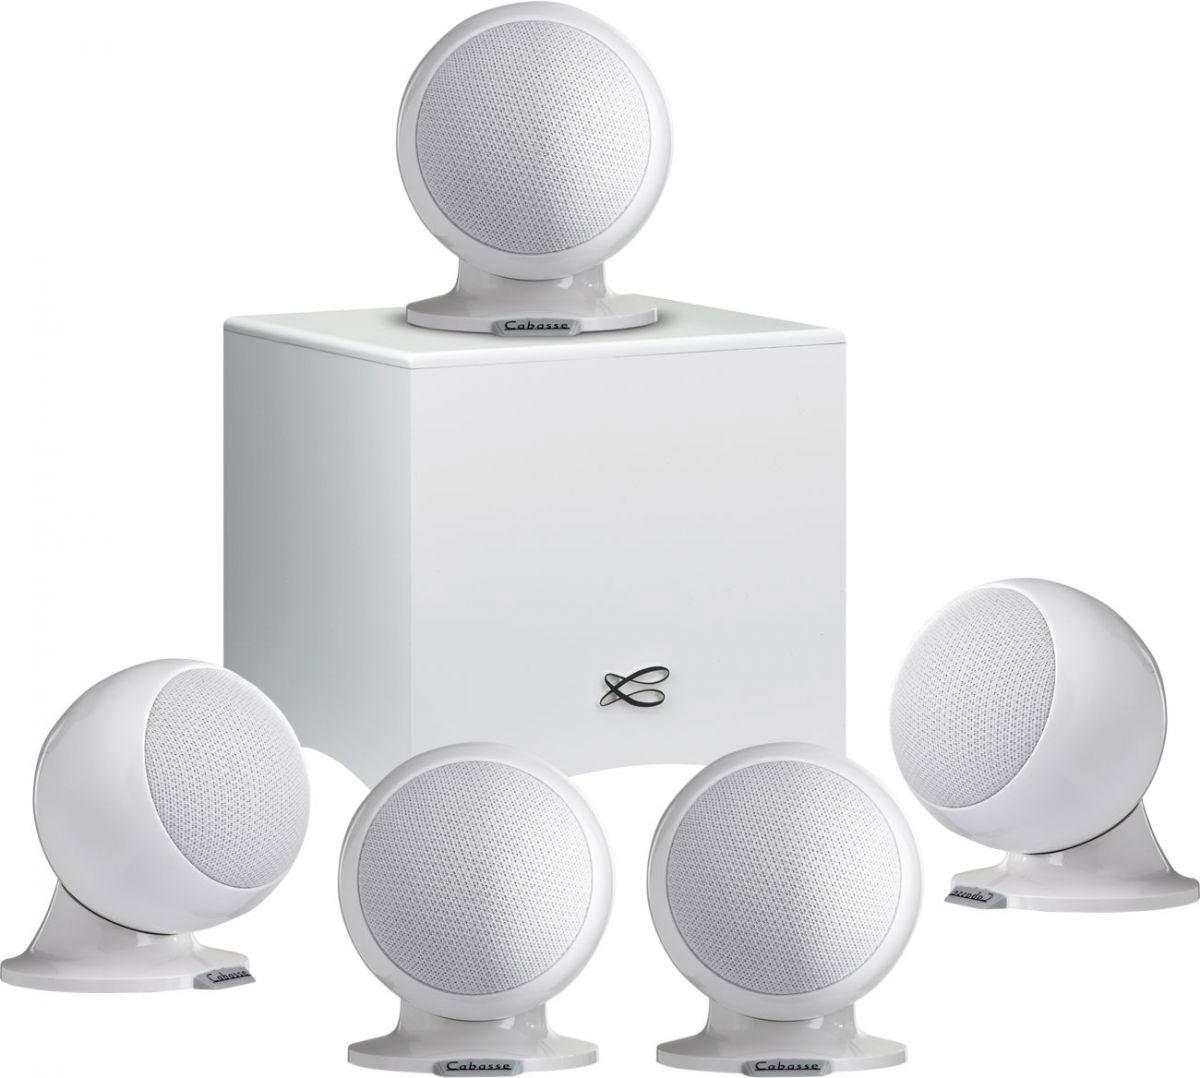 Cabasse Alcyone 2 System 5.1, White акустическая система для домашнего кинотеатраCABASSE ALCYONE 2 SYSTEM 5.1 (GLOSSY WHITE)Комплект акустики для домашнего кинотеатра Cabasse Alcyone 2 5.1 включает в себя активный сабвуфер, пять сателлитов Alcyone 2 и набор соединительных кабелей. В основе этой аудиосистемы – принцип абсолютной точности систем SCS (Cabasse Spatially Coherent System), заимствованный у акустики hi-end класса ARTIS, благодаря которому Cabasse Alcyone 2 5.1 способна показать свои возможности и дать слушателю эмоционально наполненное восприятие звука. Сателлиты Alcyone 2 обладают высокой эффективностью и мощностью, равномерным распределением звукового поля, а главное, особым звучанием, способным донести все эмоции при прослушивании концерта или просмотре любимого фильма. Магнитное экранирование позволяет устанавливать Alcyone 2 в непосредственной близи от вашего телевизора. Спикеры могут быть размещены на полке, на стене или на опциональных напольных стендах. Магнитное основание Alcyone 2 облегчает их размещение. Сабвуфер Cabasse Santorin оснащен динамиком 170...